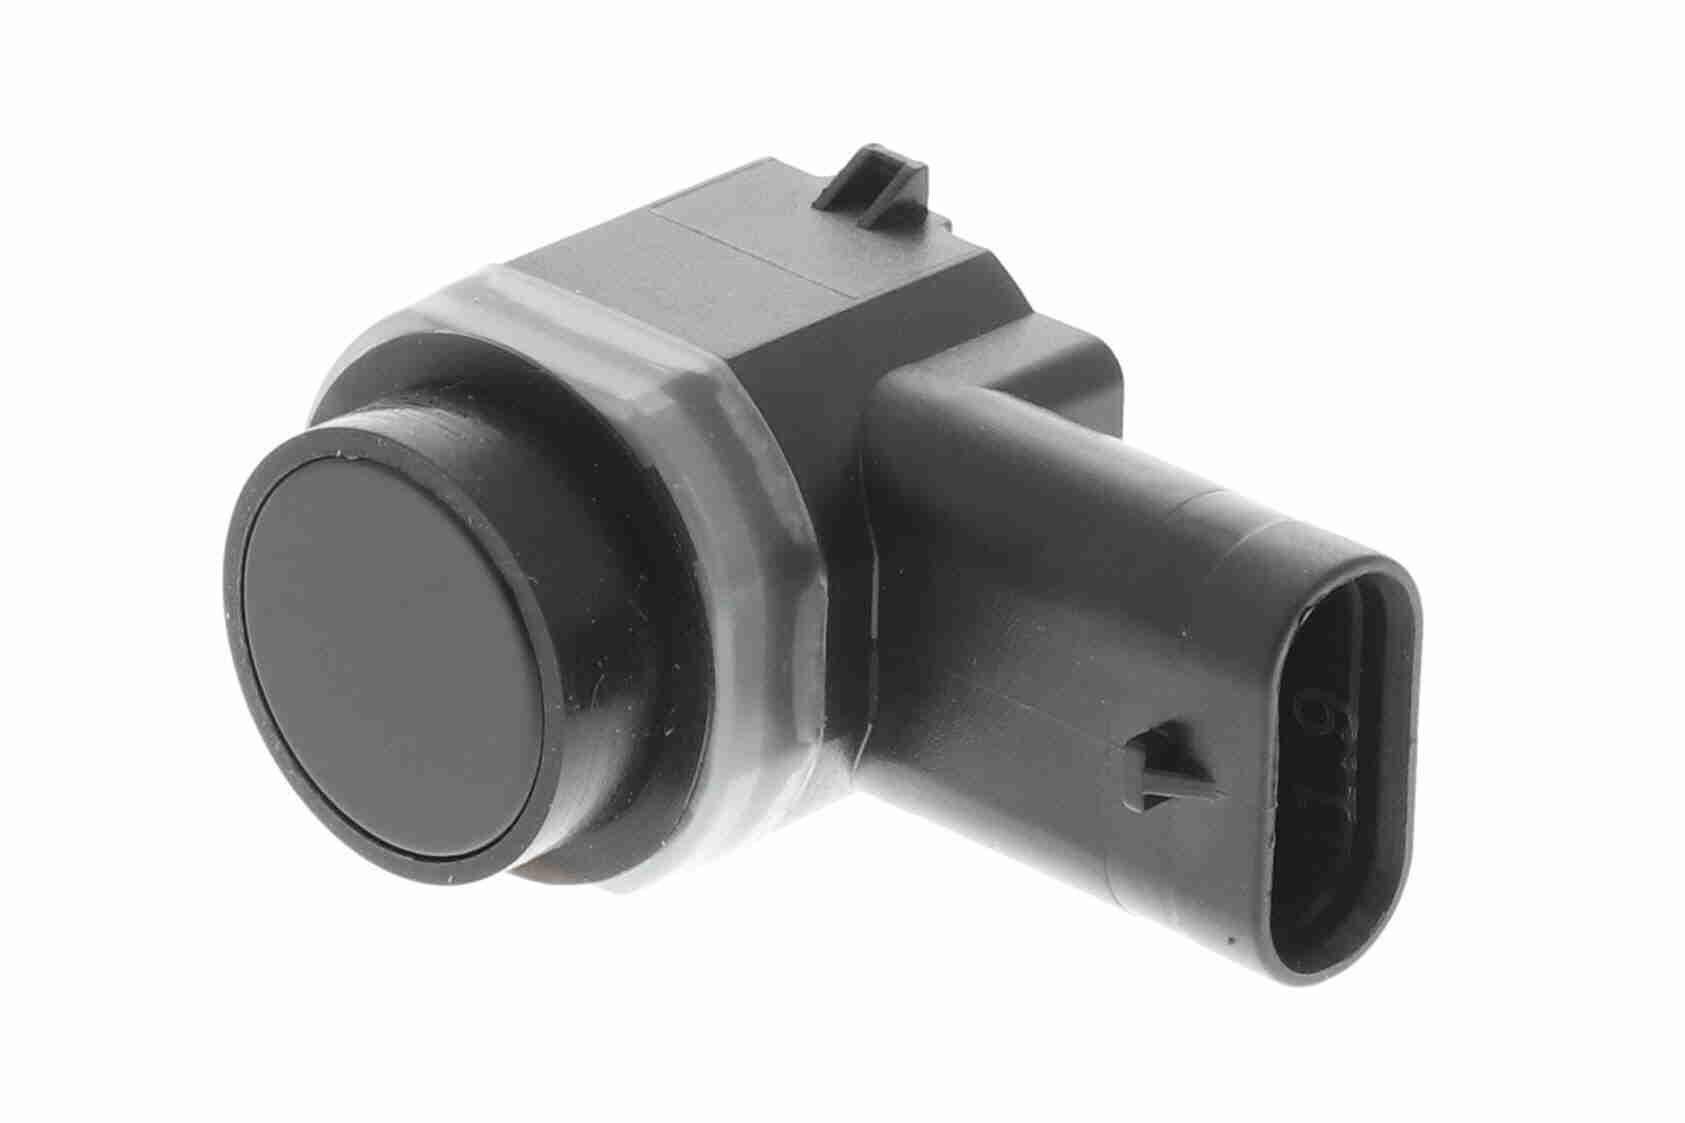 Parksensor V25-72-0109 VEMO V25-72-0109 in Original Qualität